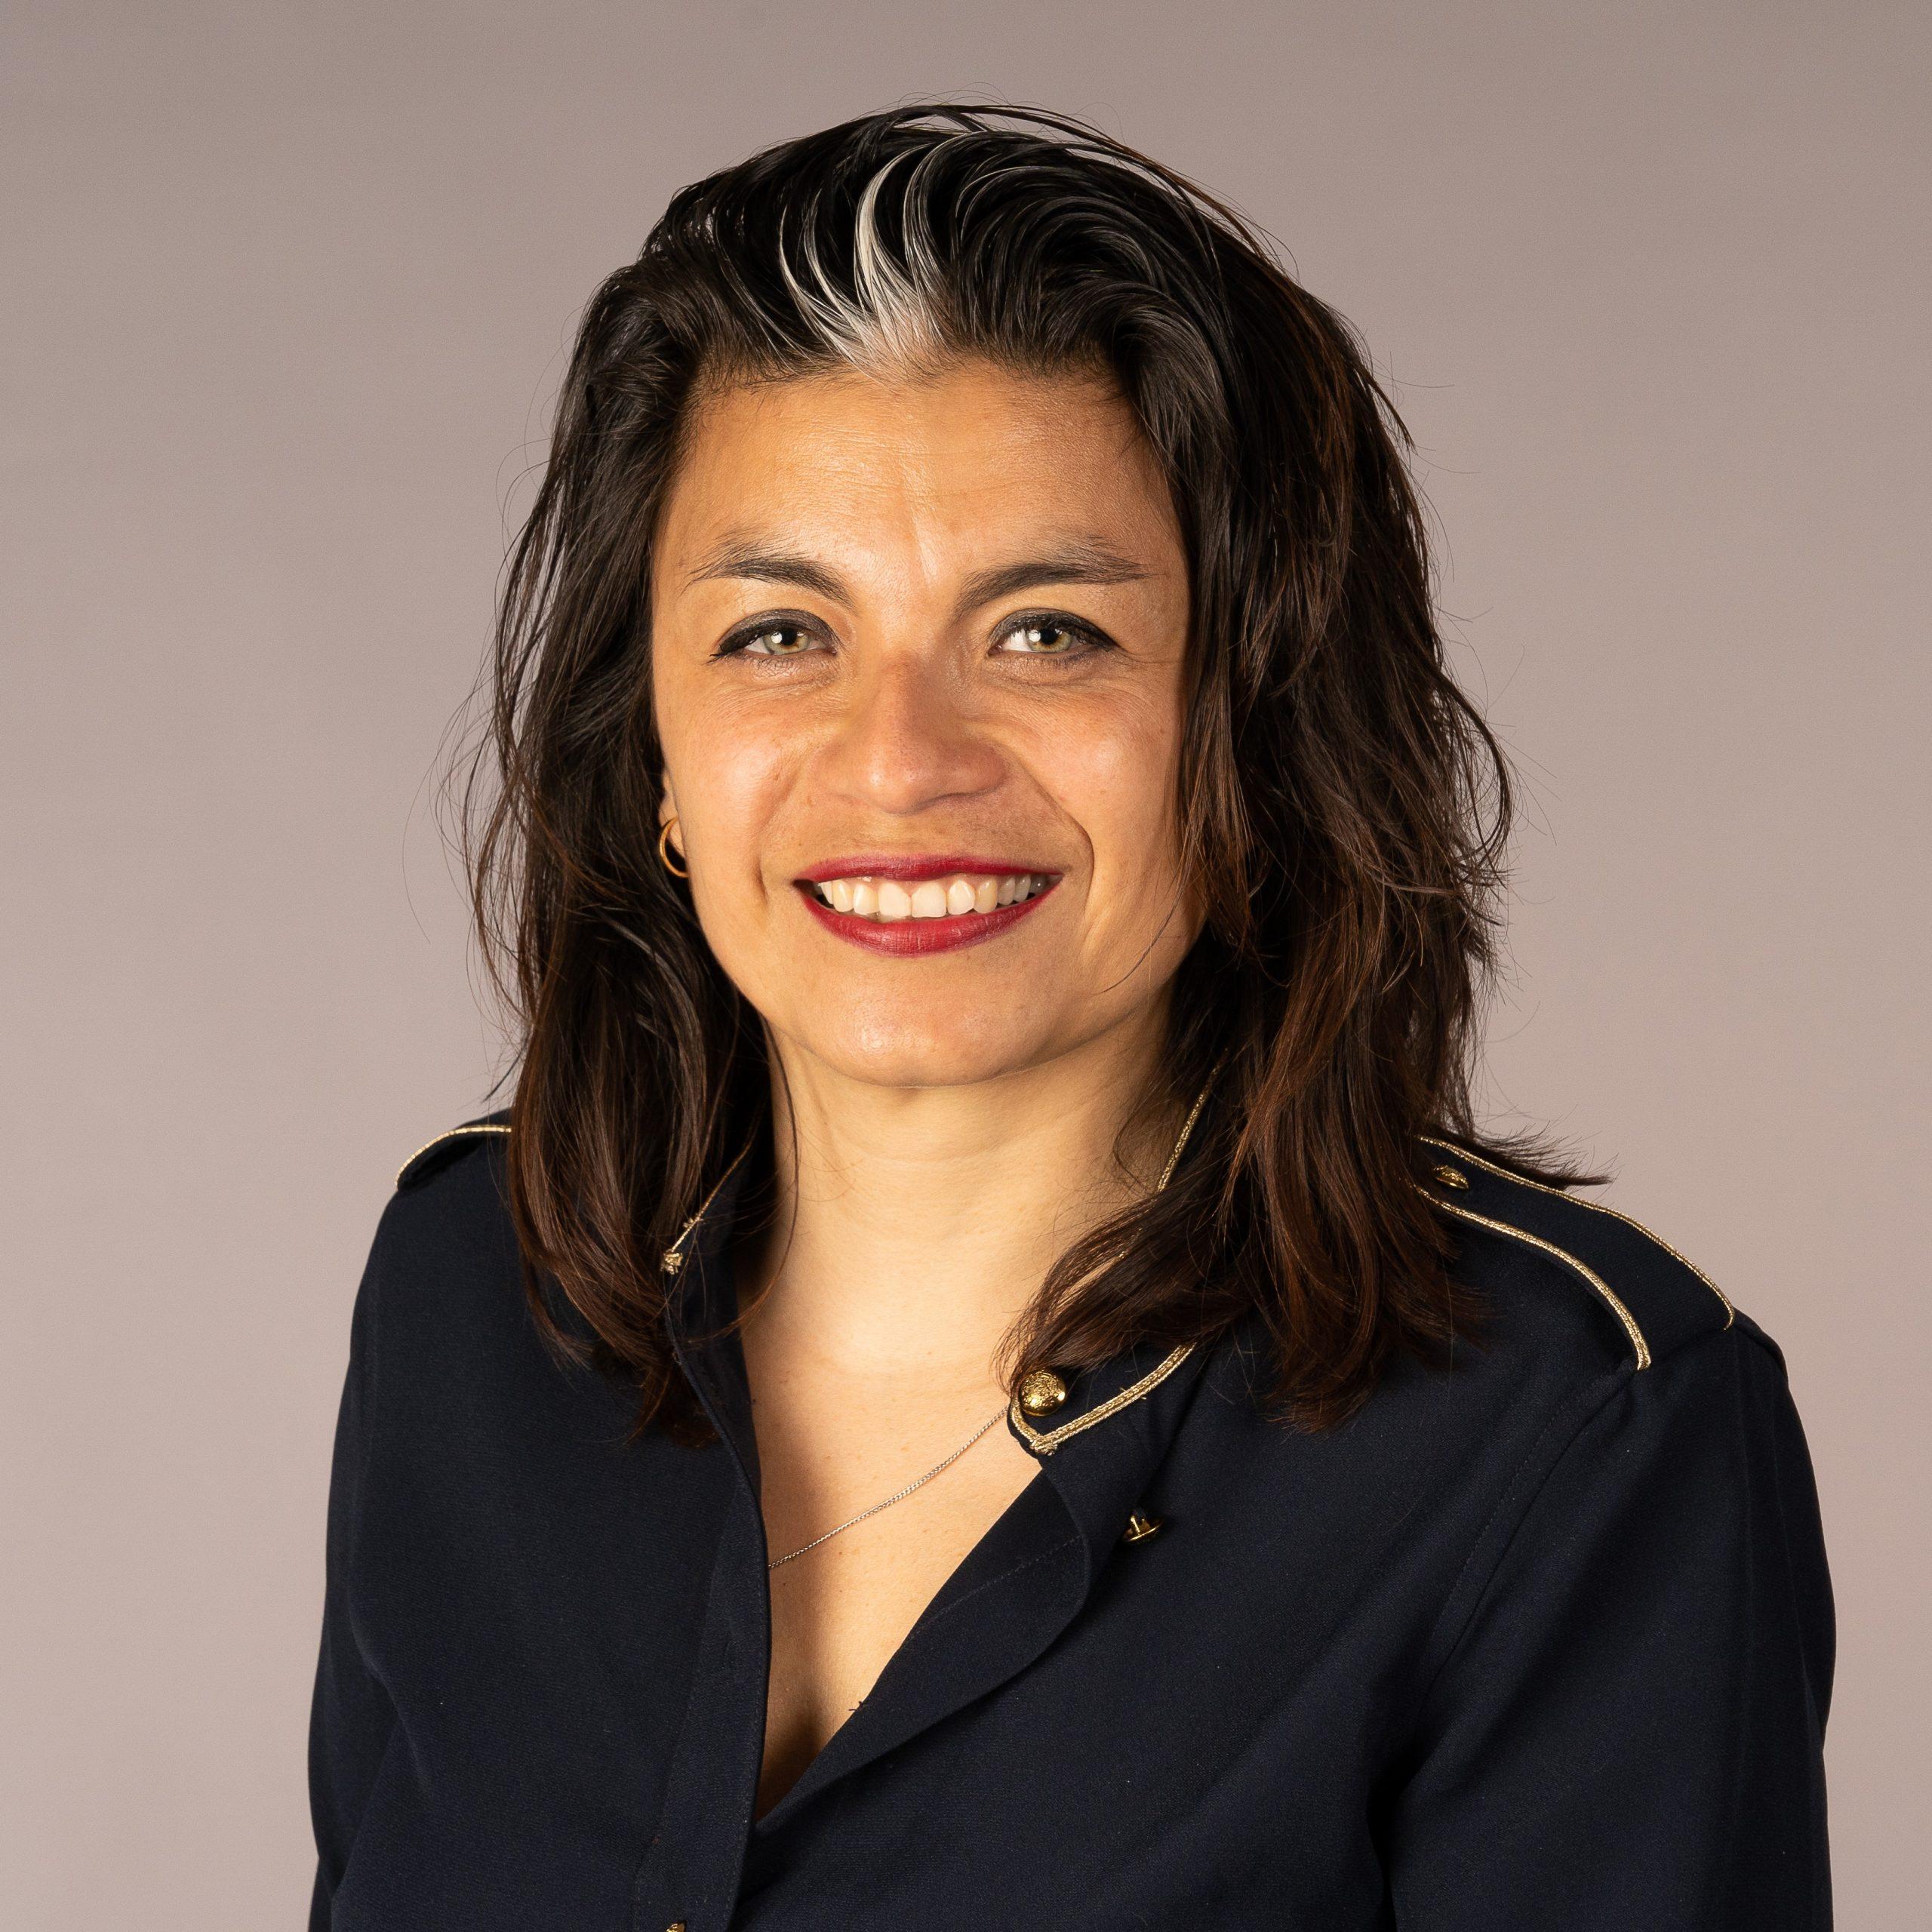 Marcella Croes-Schalken speaker at Offshore Seminar 2021